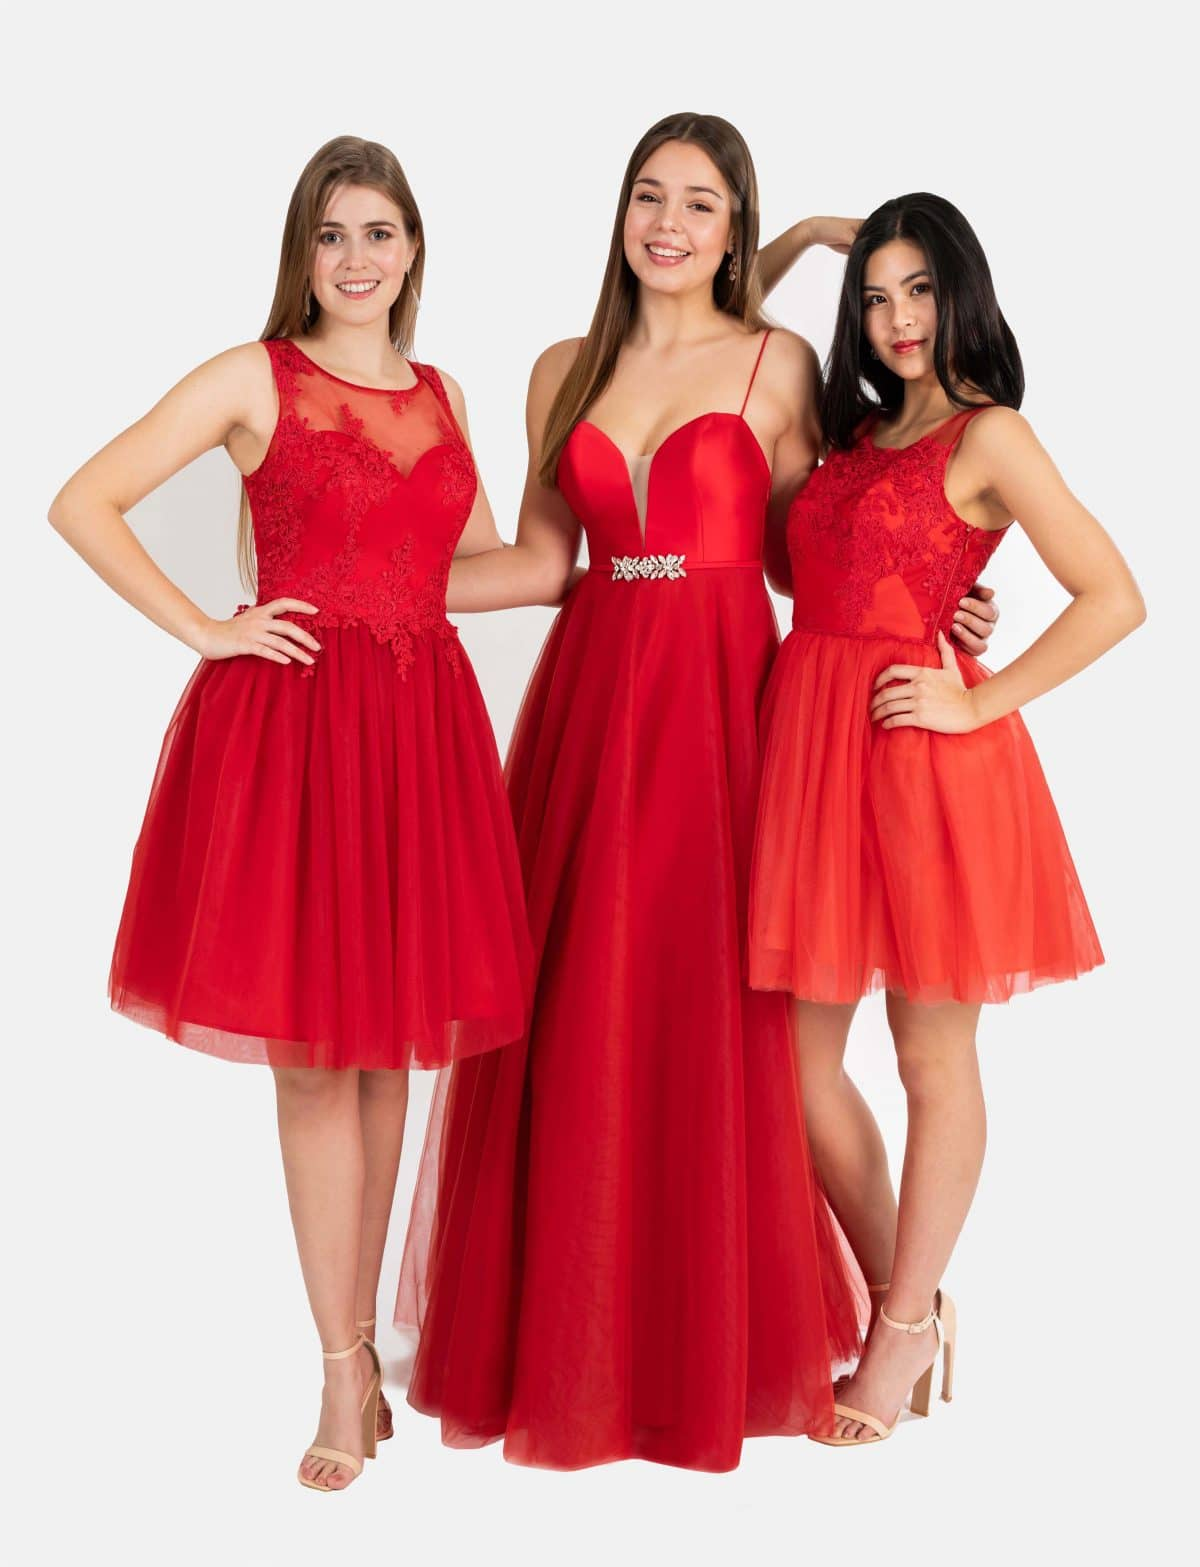 Lange und kurze Ballkleider in rot in zauberhafter A-Linie